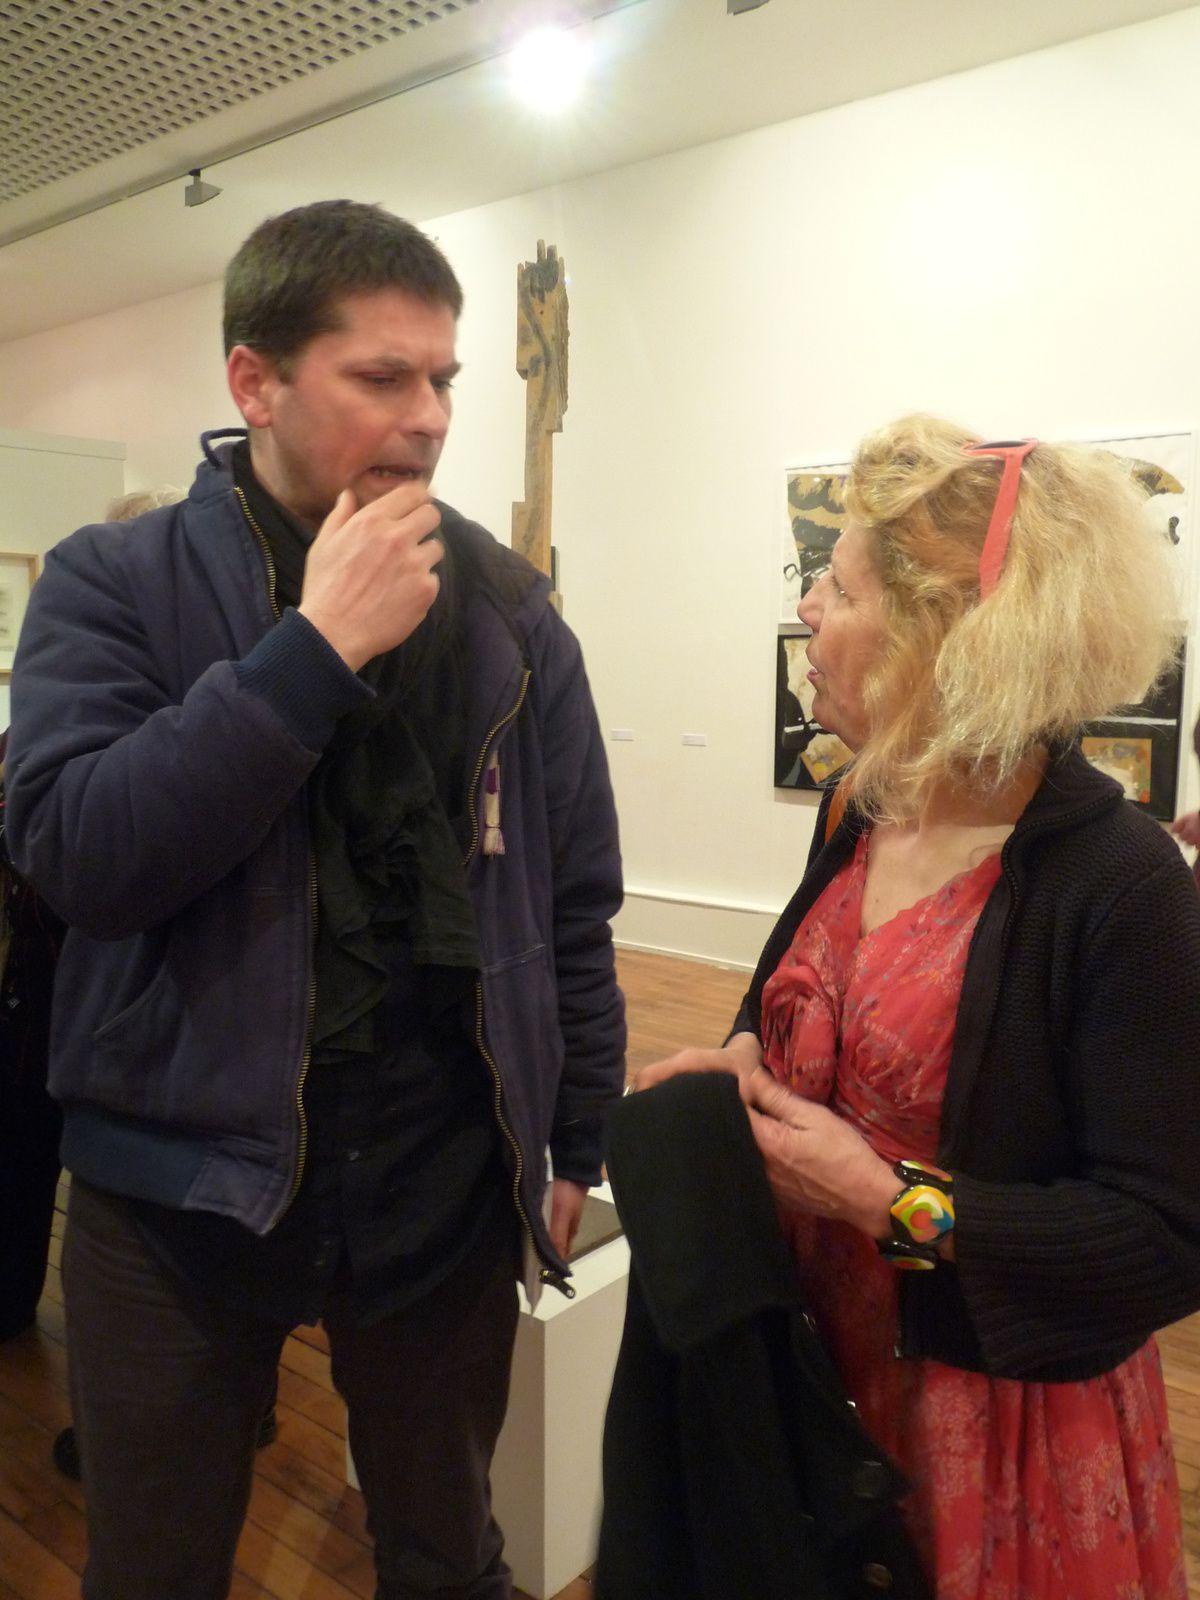 Inna Maaimura en grande conversation avec Mana à l'Espace culturel François Mitterrand.